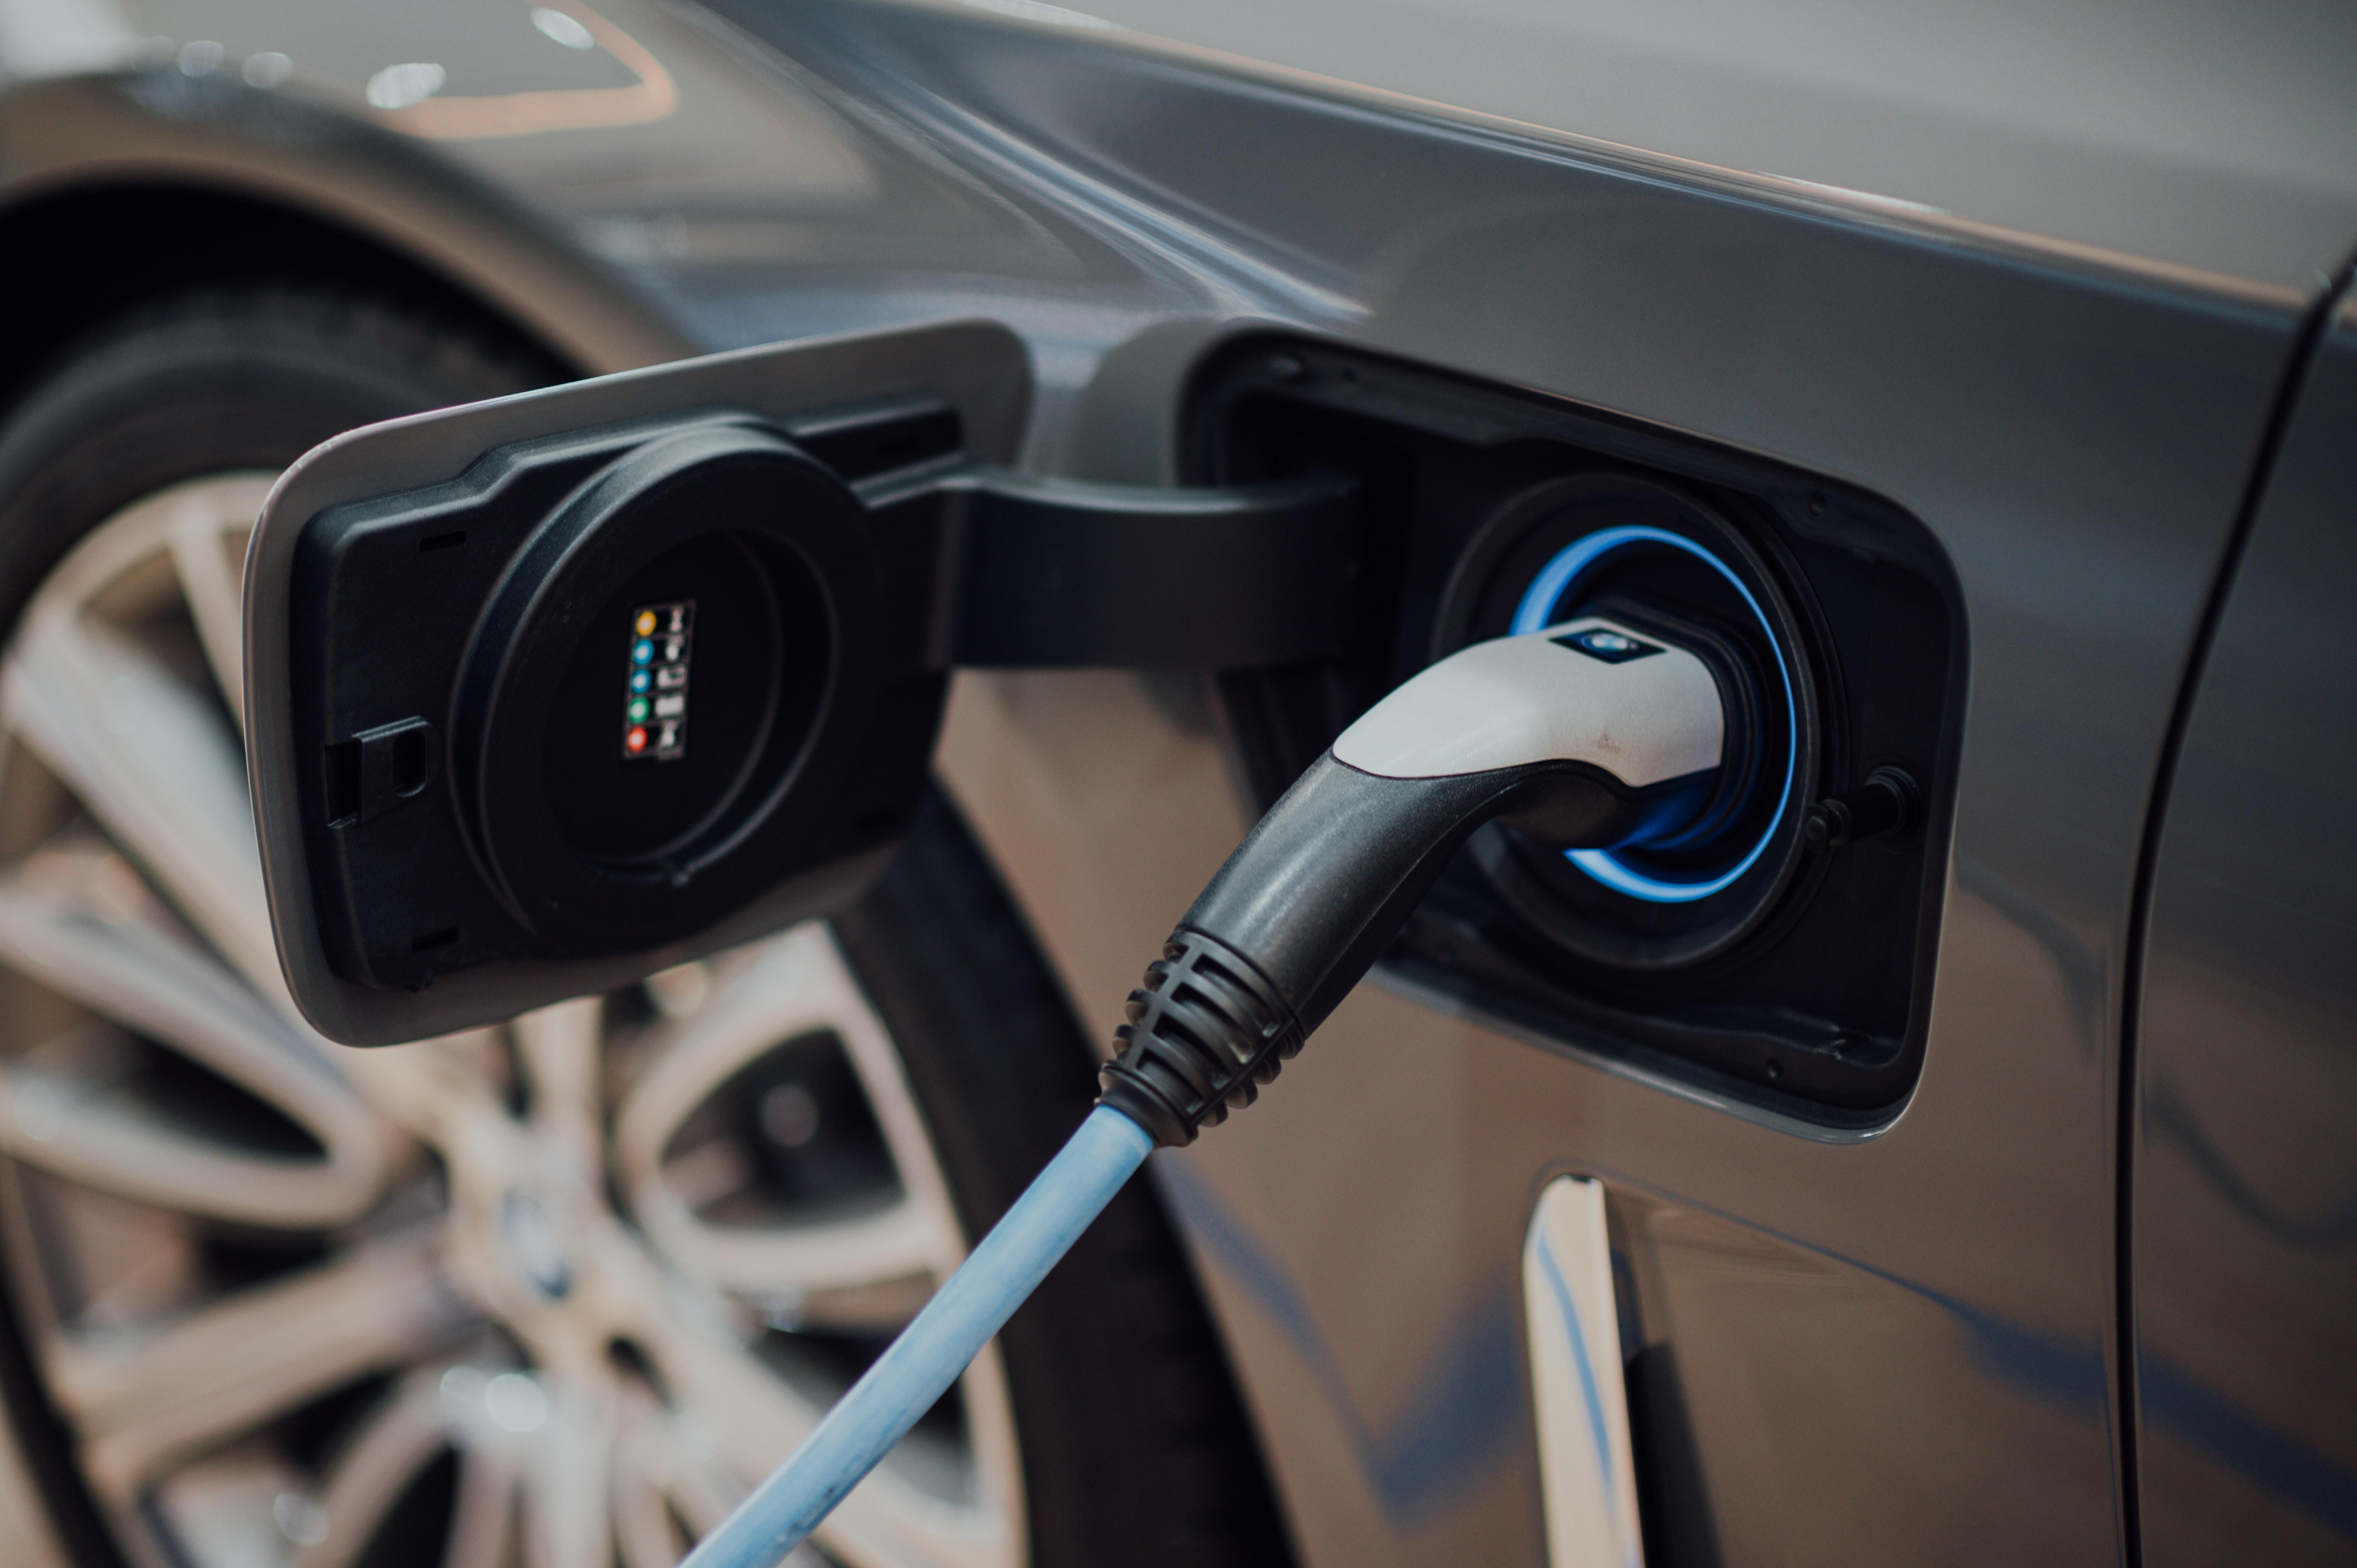 3 conseils pour recharger votre véhicule électrique à moindre coût en ville